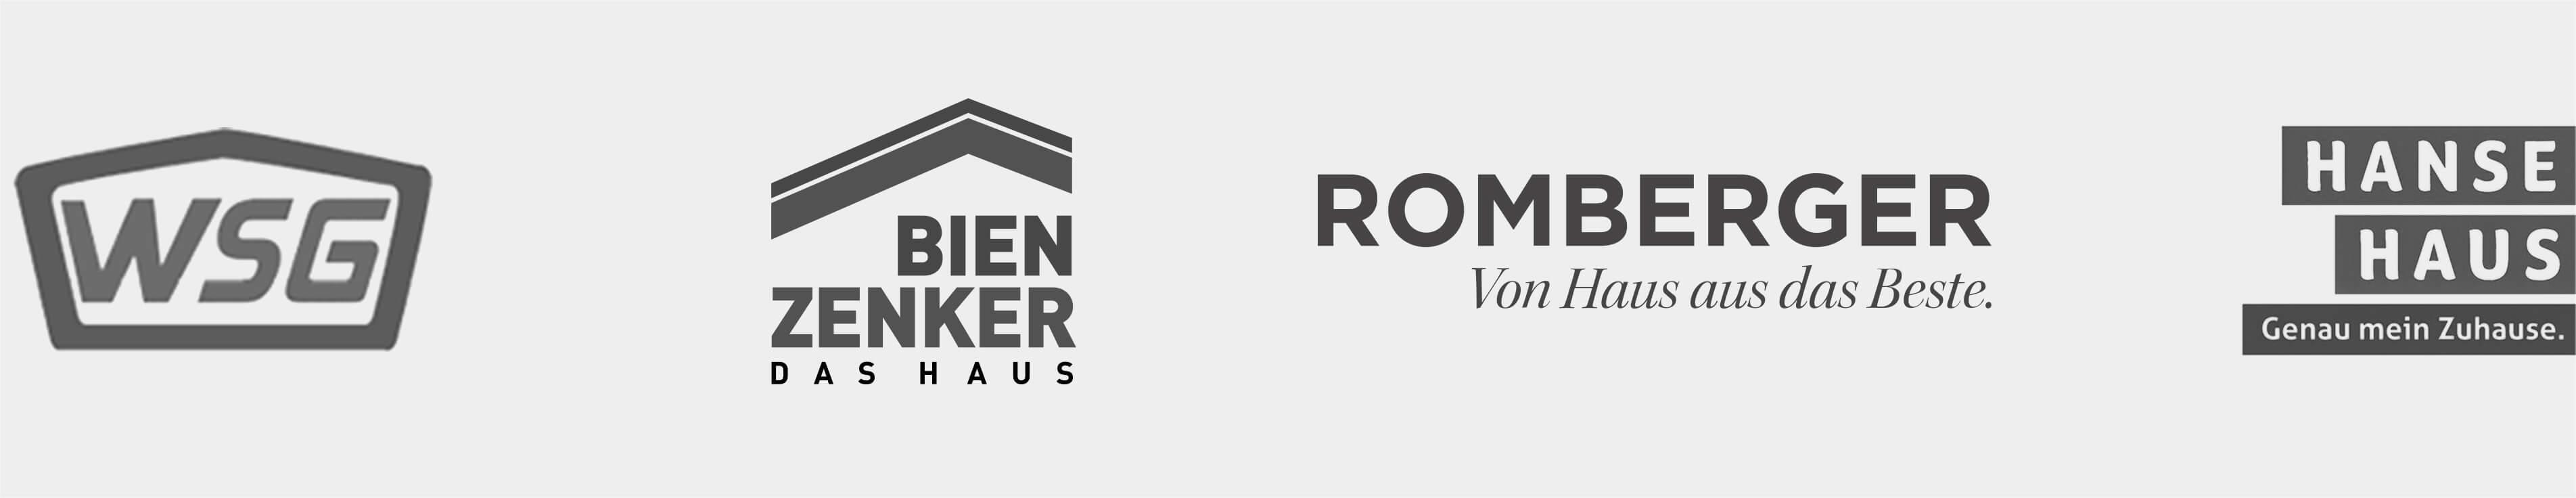 Finden Sie Loxone Partner und Händler in Ihrer Nähe - Loxone